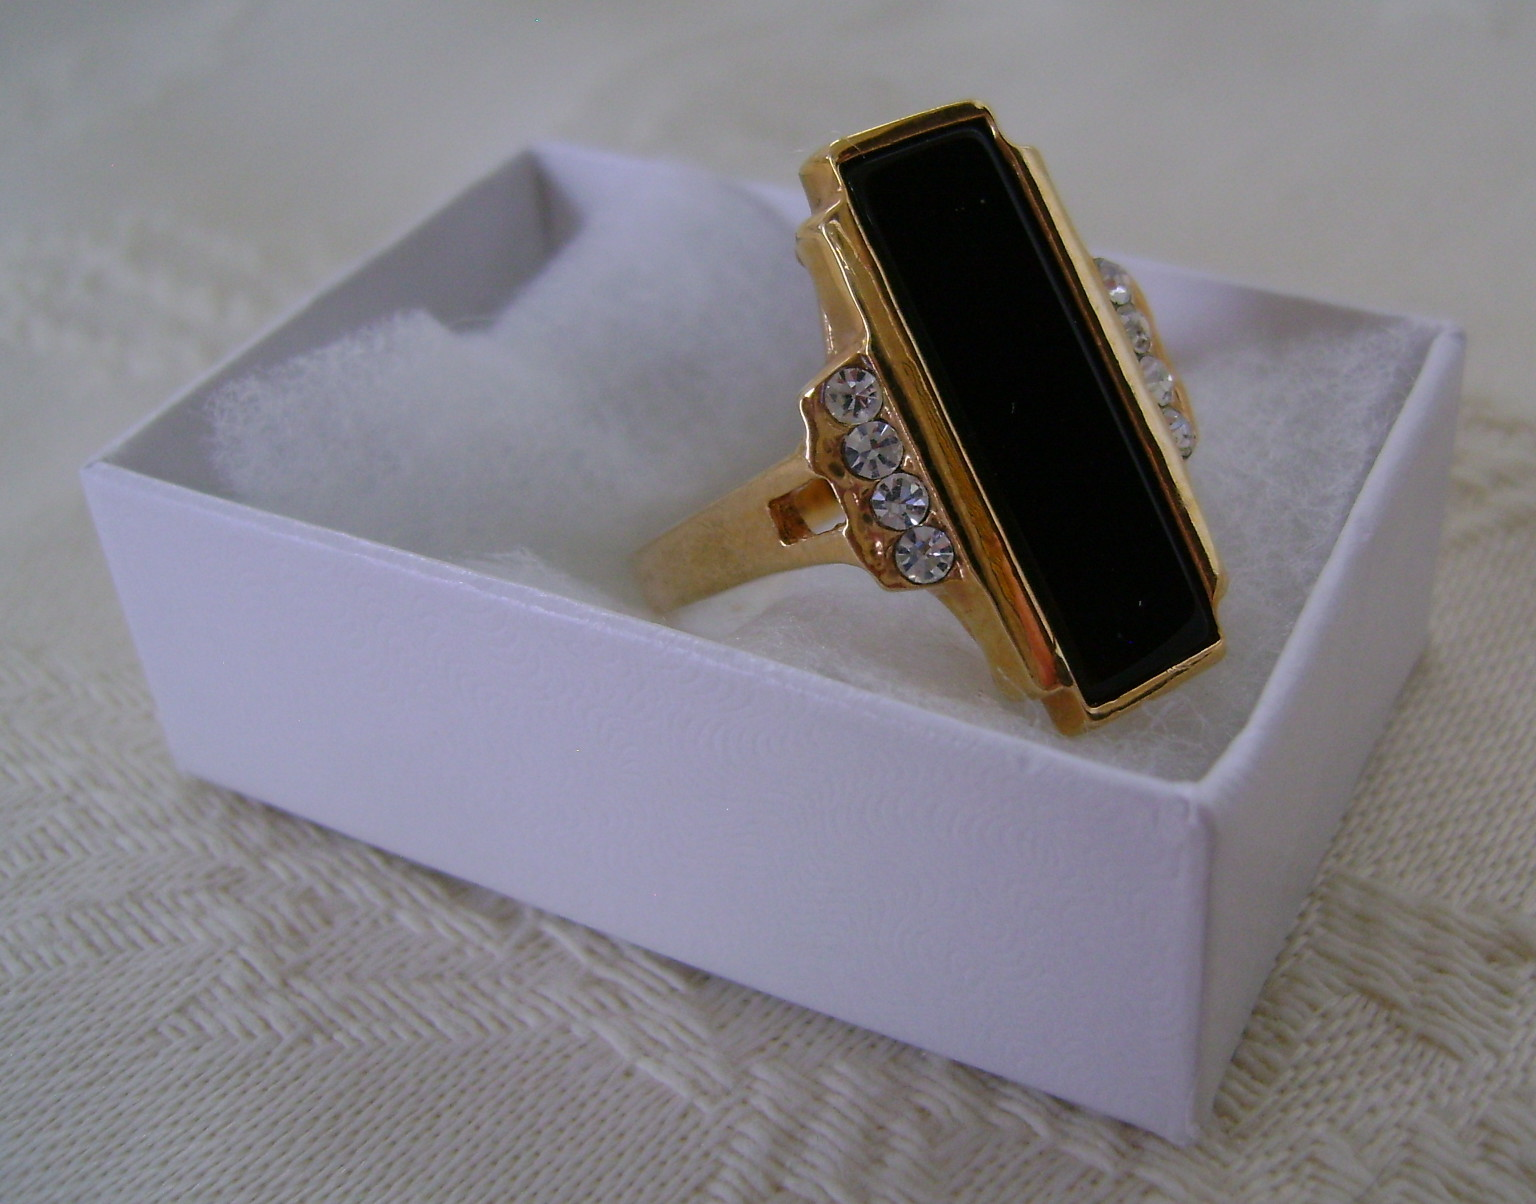 Ring, Avon, Stylish Black Rectangle Set with Rhinestones, Size 8